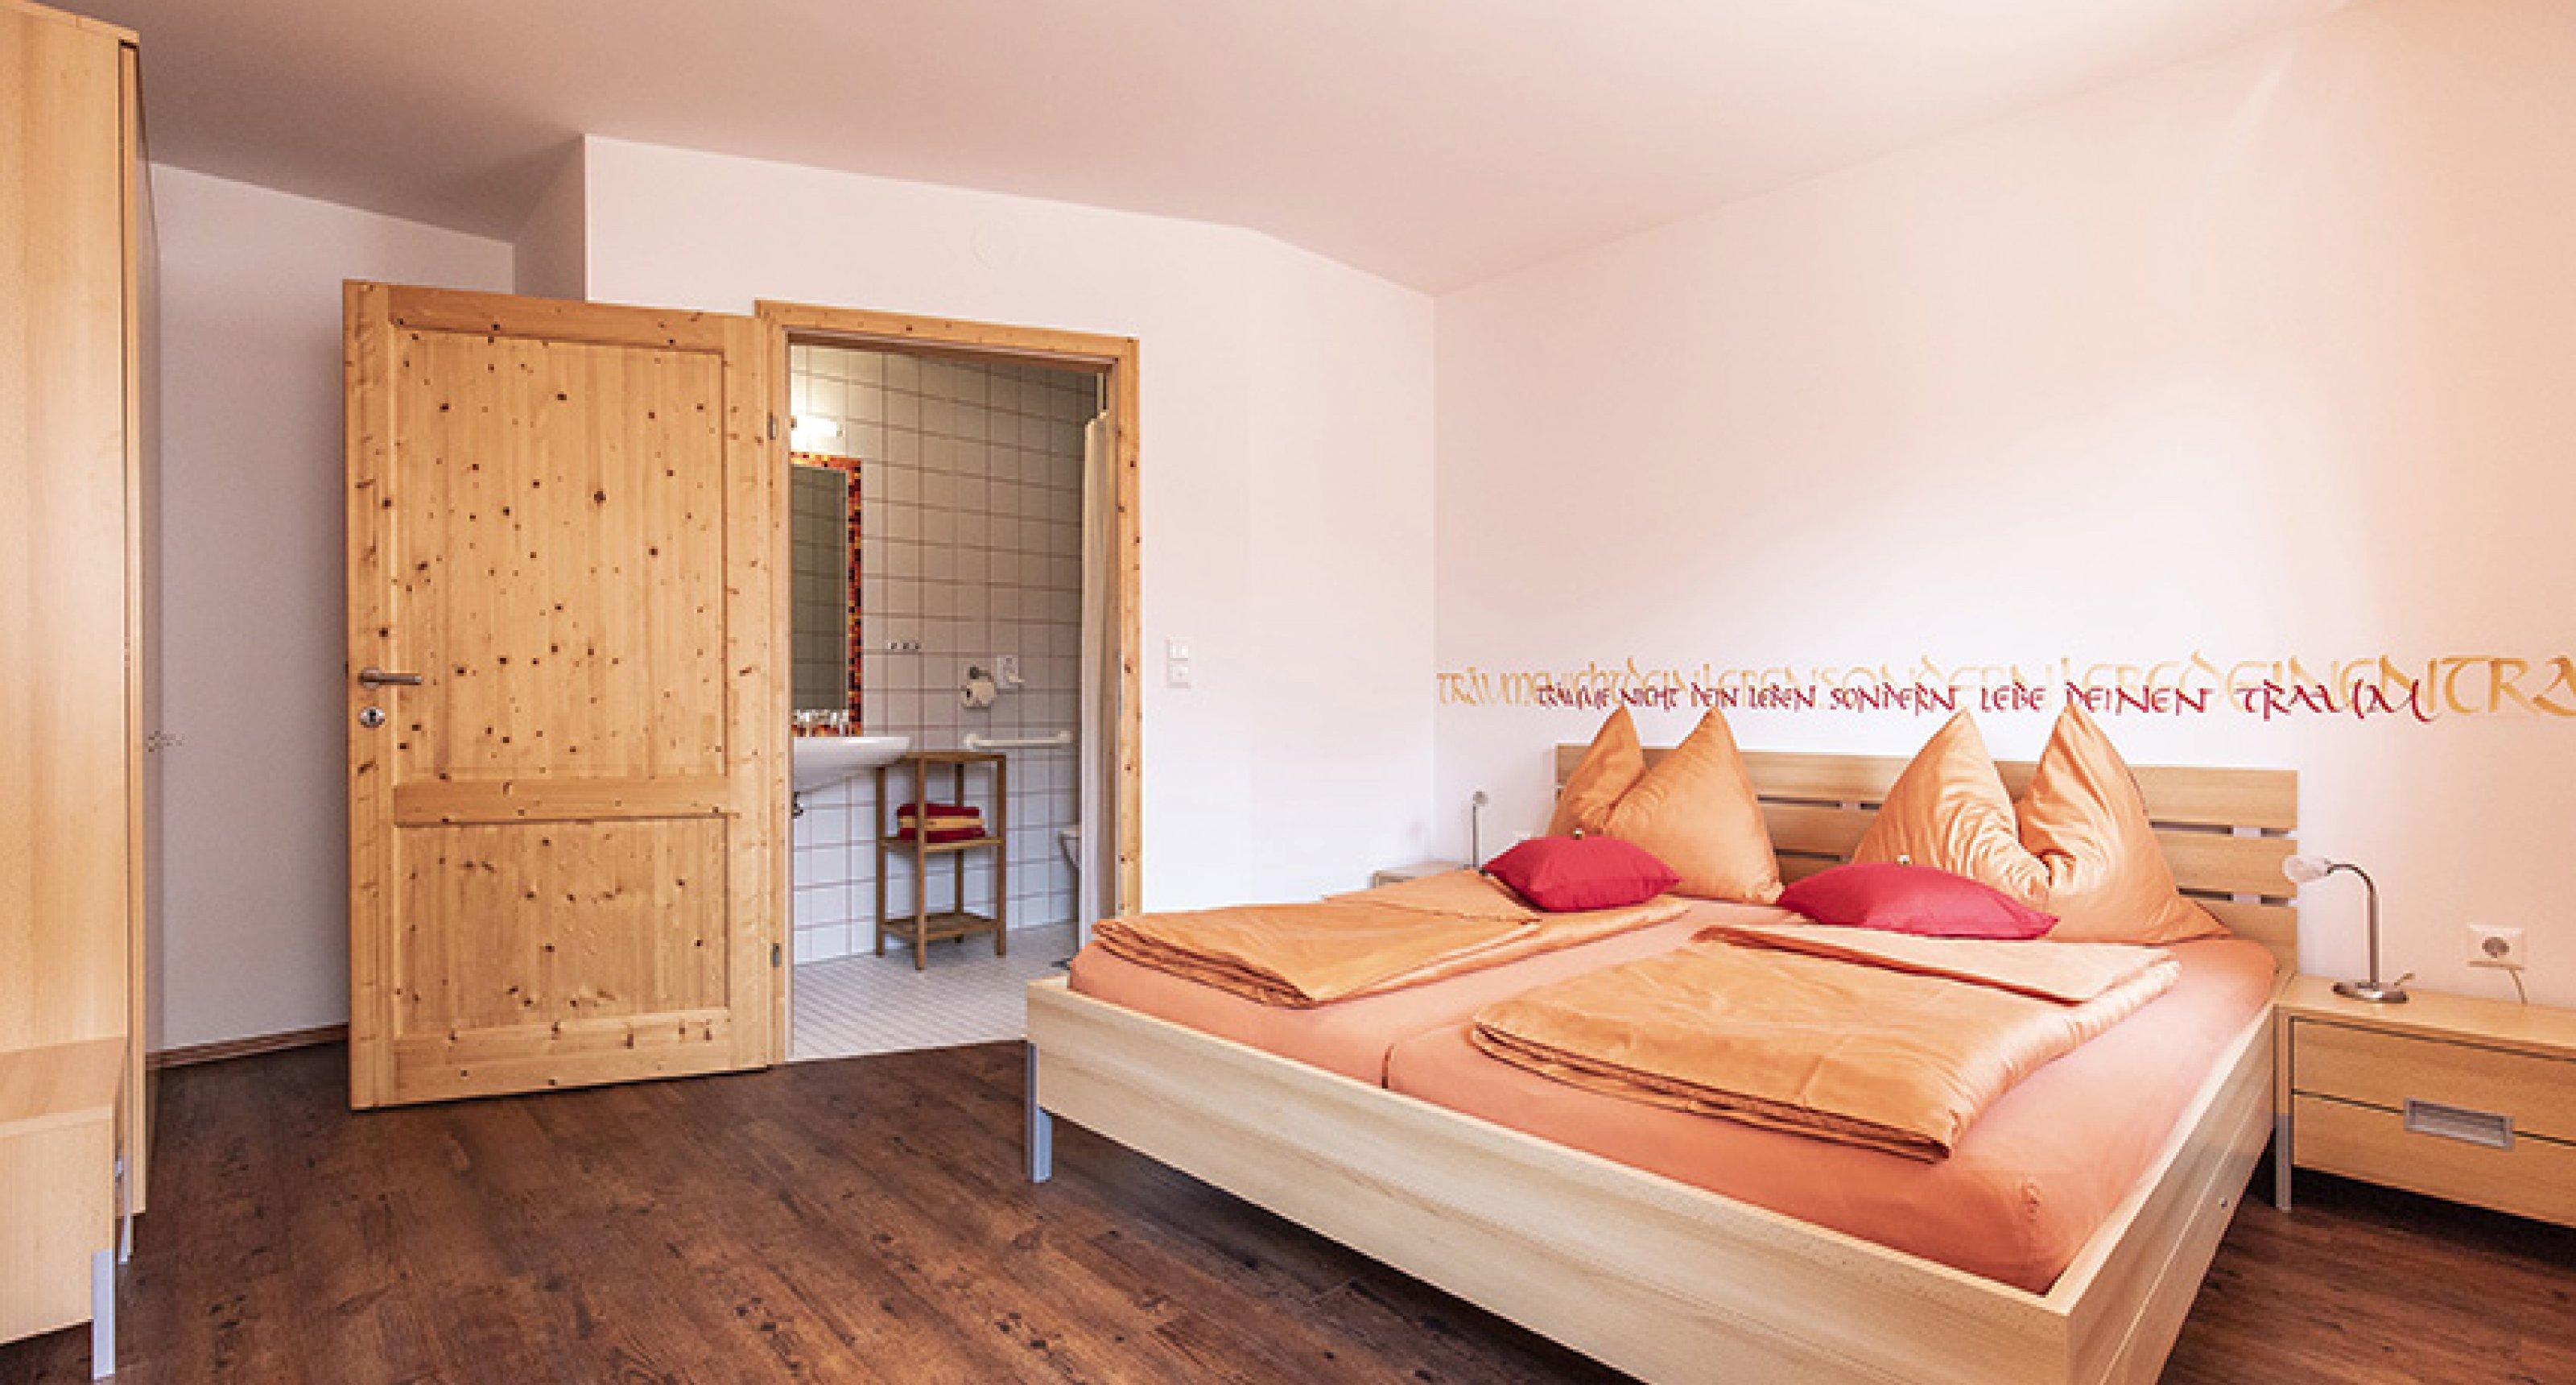 Ferienwohnung Rohrung - Schlafzimmer 2